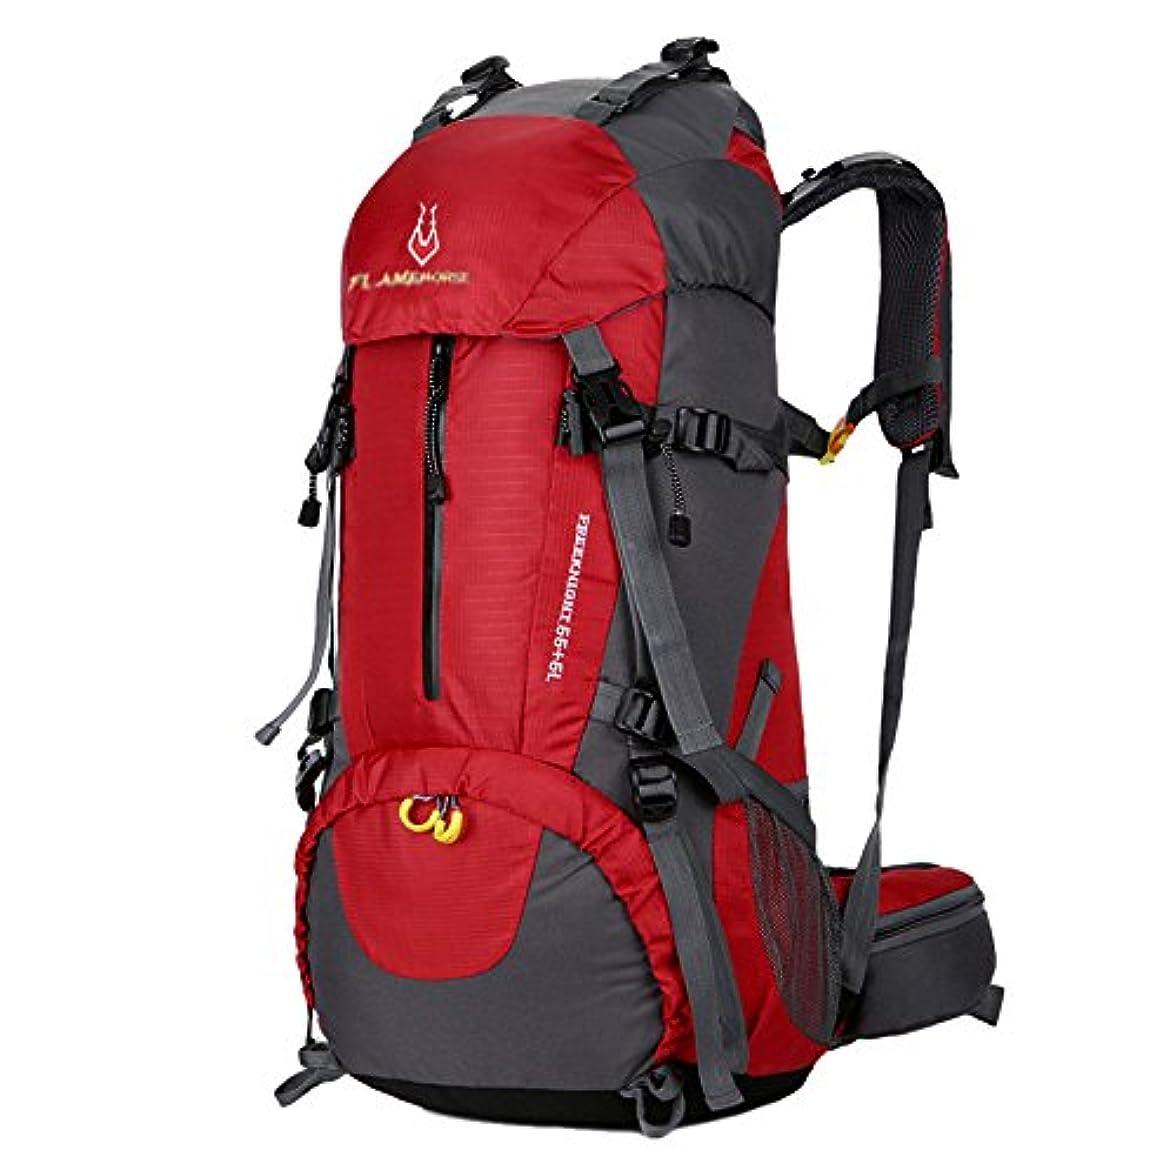 頑張る雑品下手LITTHING 大容量60L バックパックリュック登山用リュック 登山リュックサック登山ハイキングトレッキングキャンプ旅行アウトドア災害用防災用男女兼用